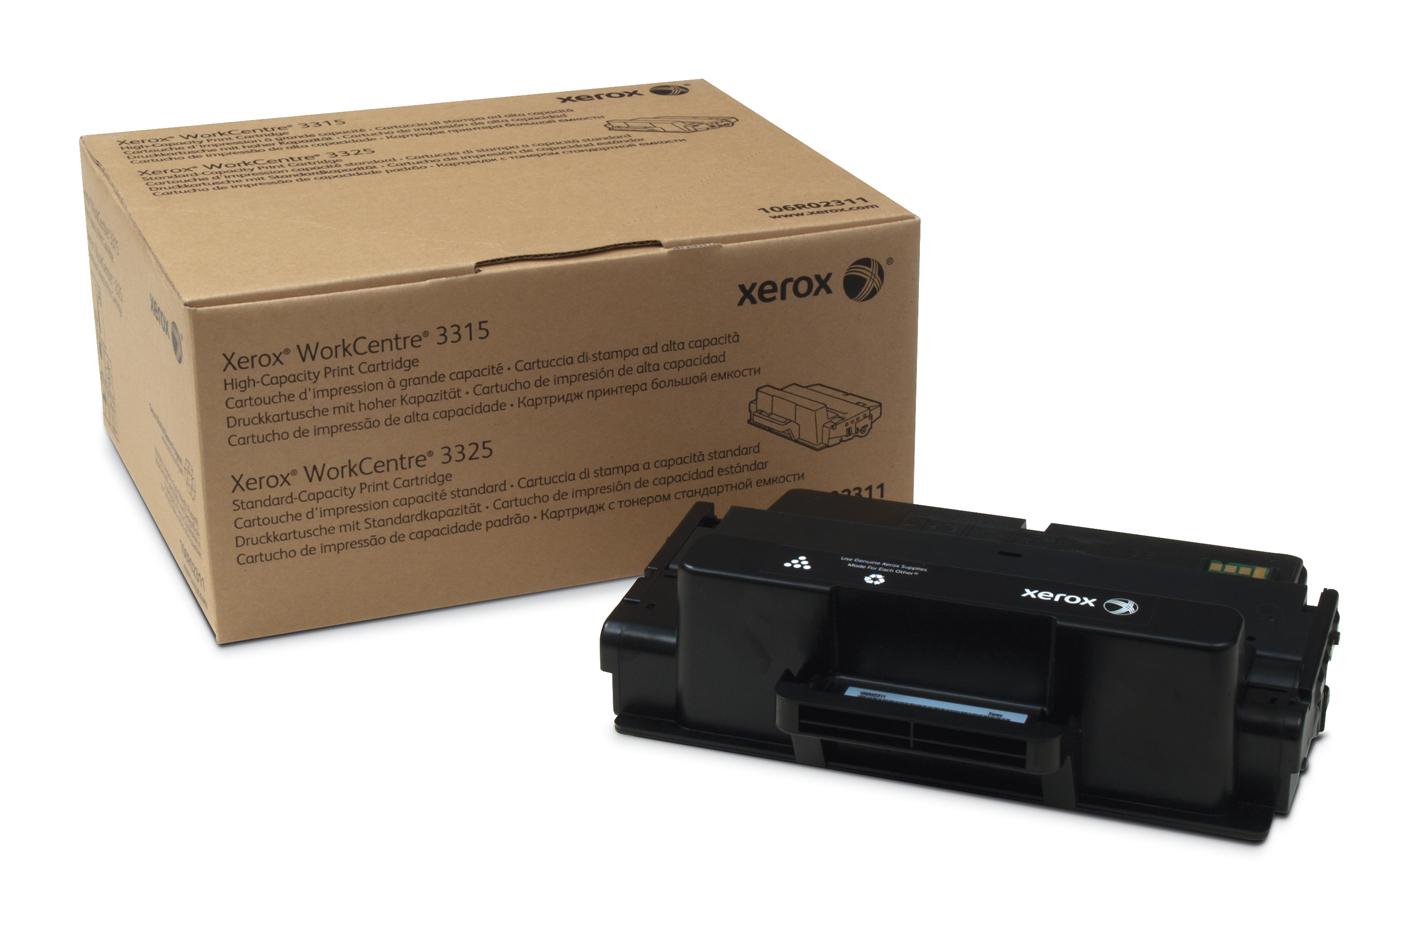 Xerox WorkCentre 3315/3325 Cartucho de impresión WorkCentre (5000 páginas)